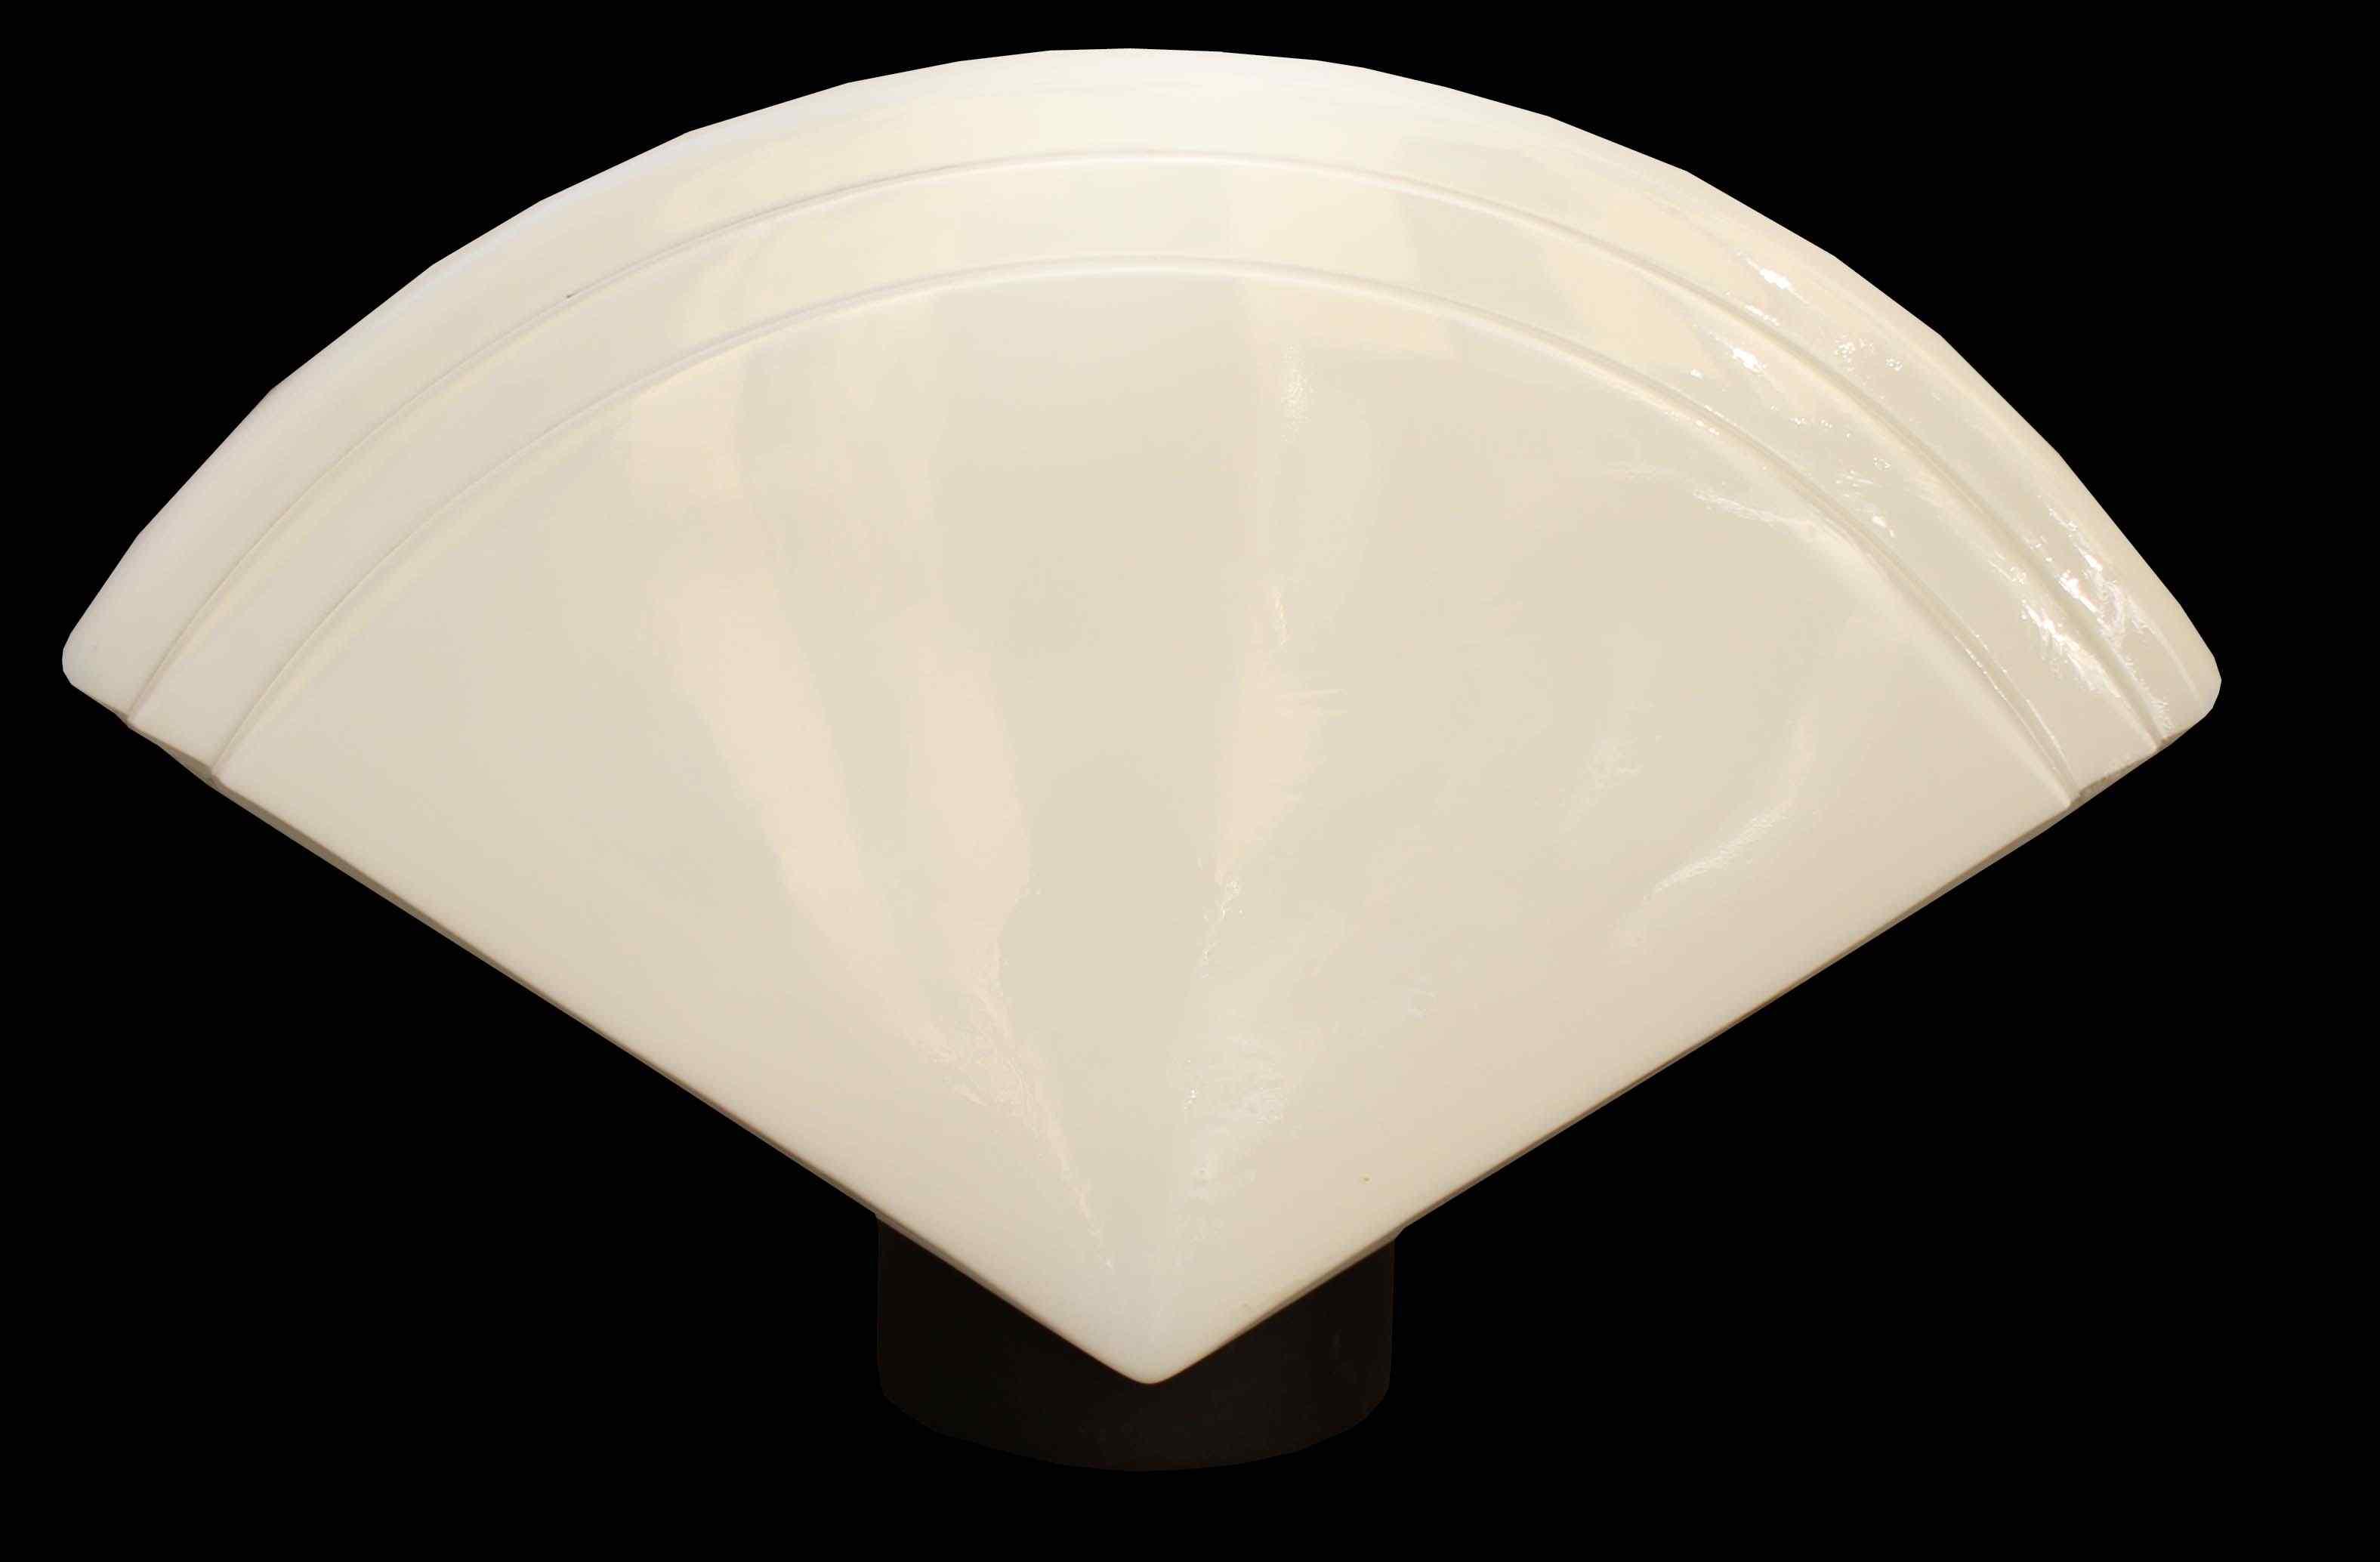 Lampe de table, produit de Murano, Mazzega